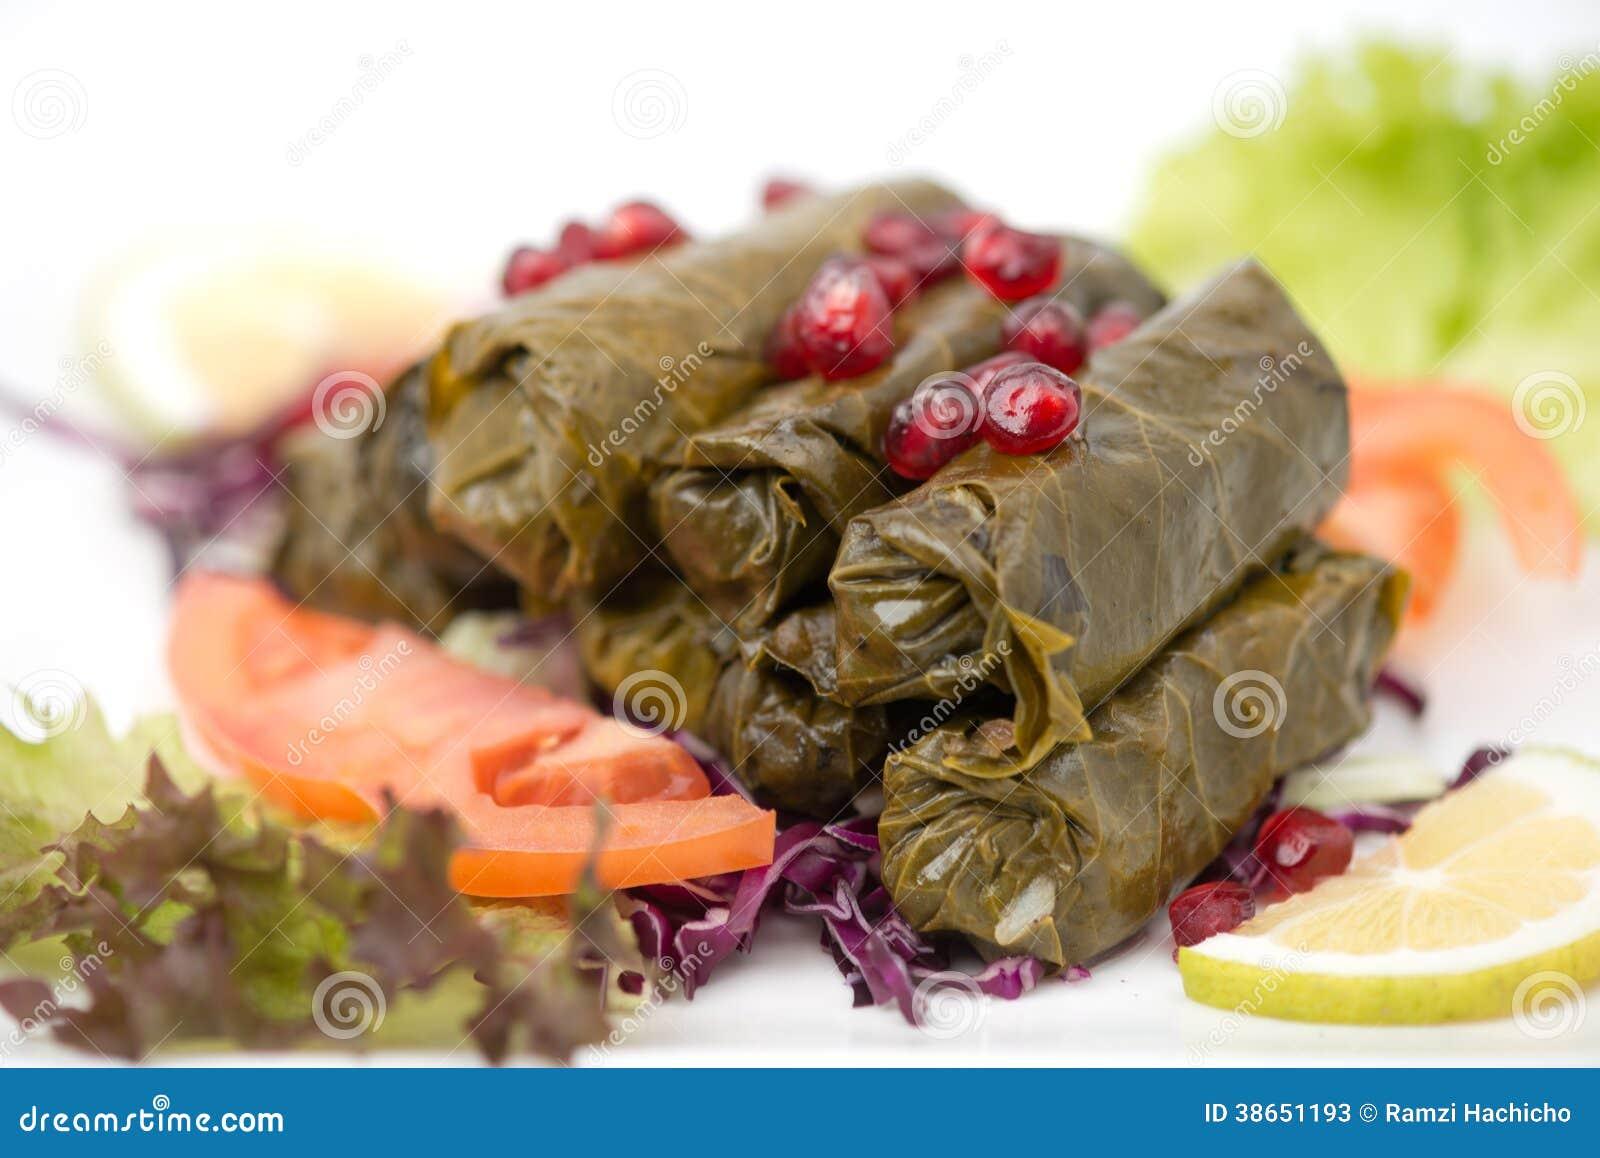 Piatto Farcito Delle Foglie Di Vite Cucina Libanese